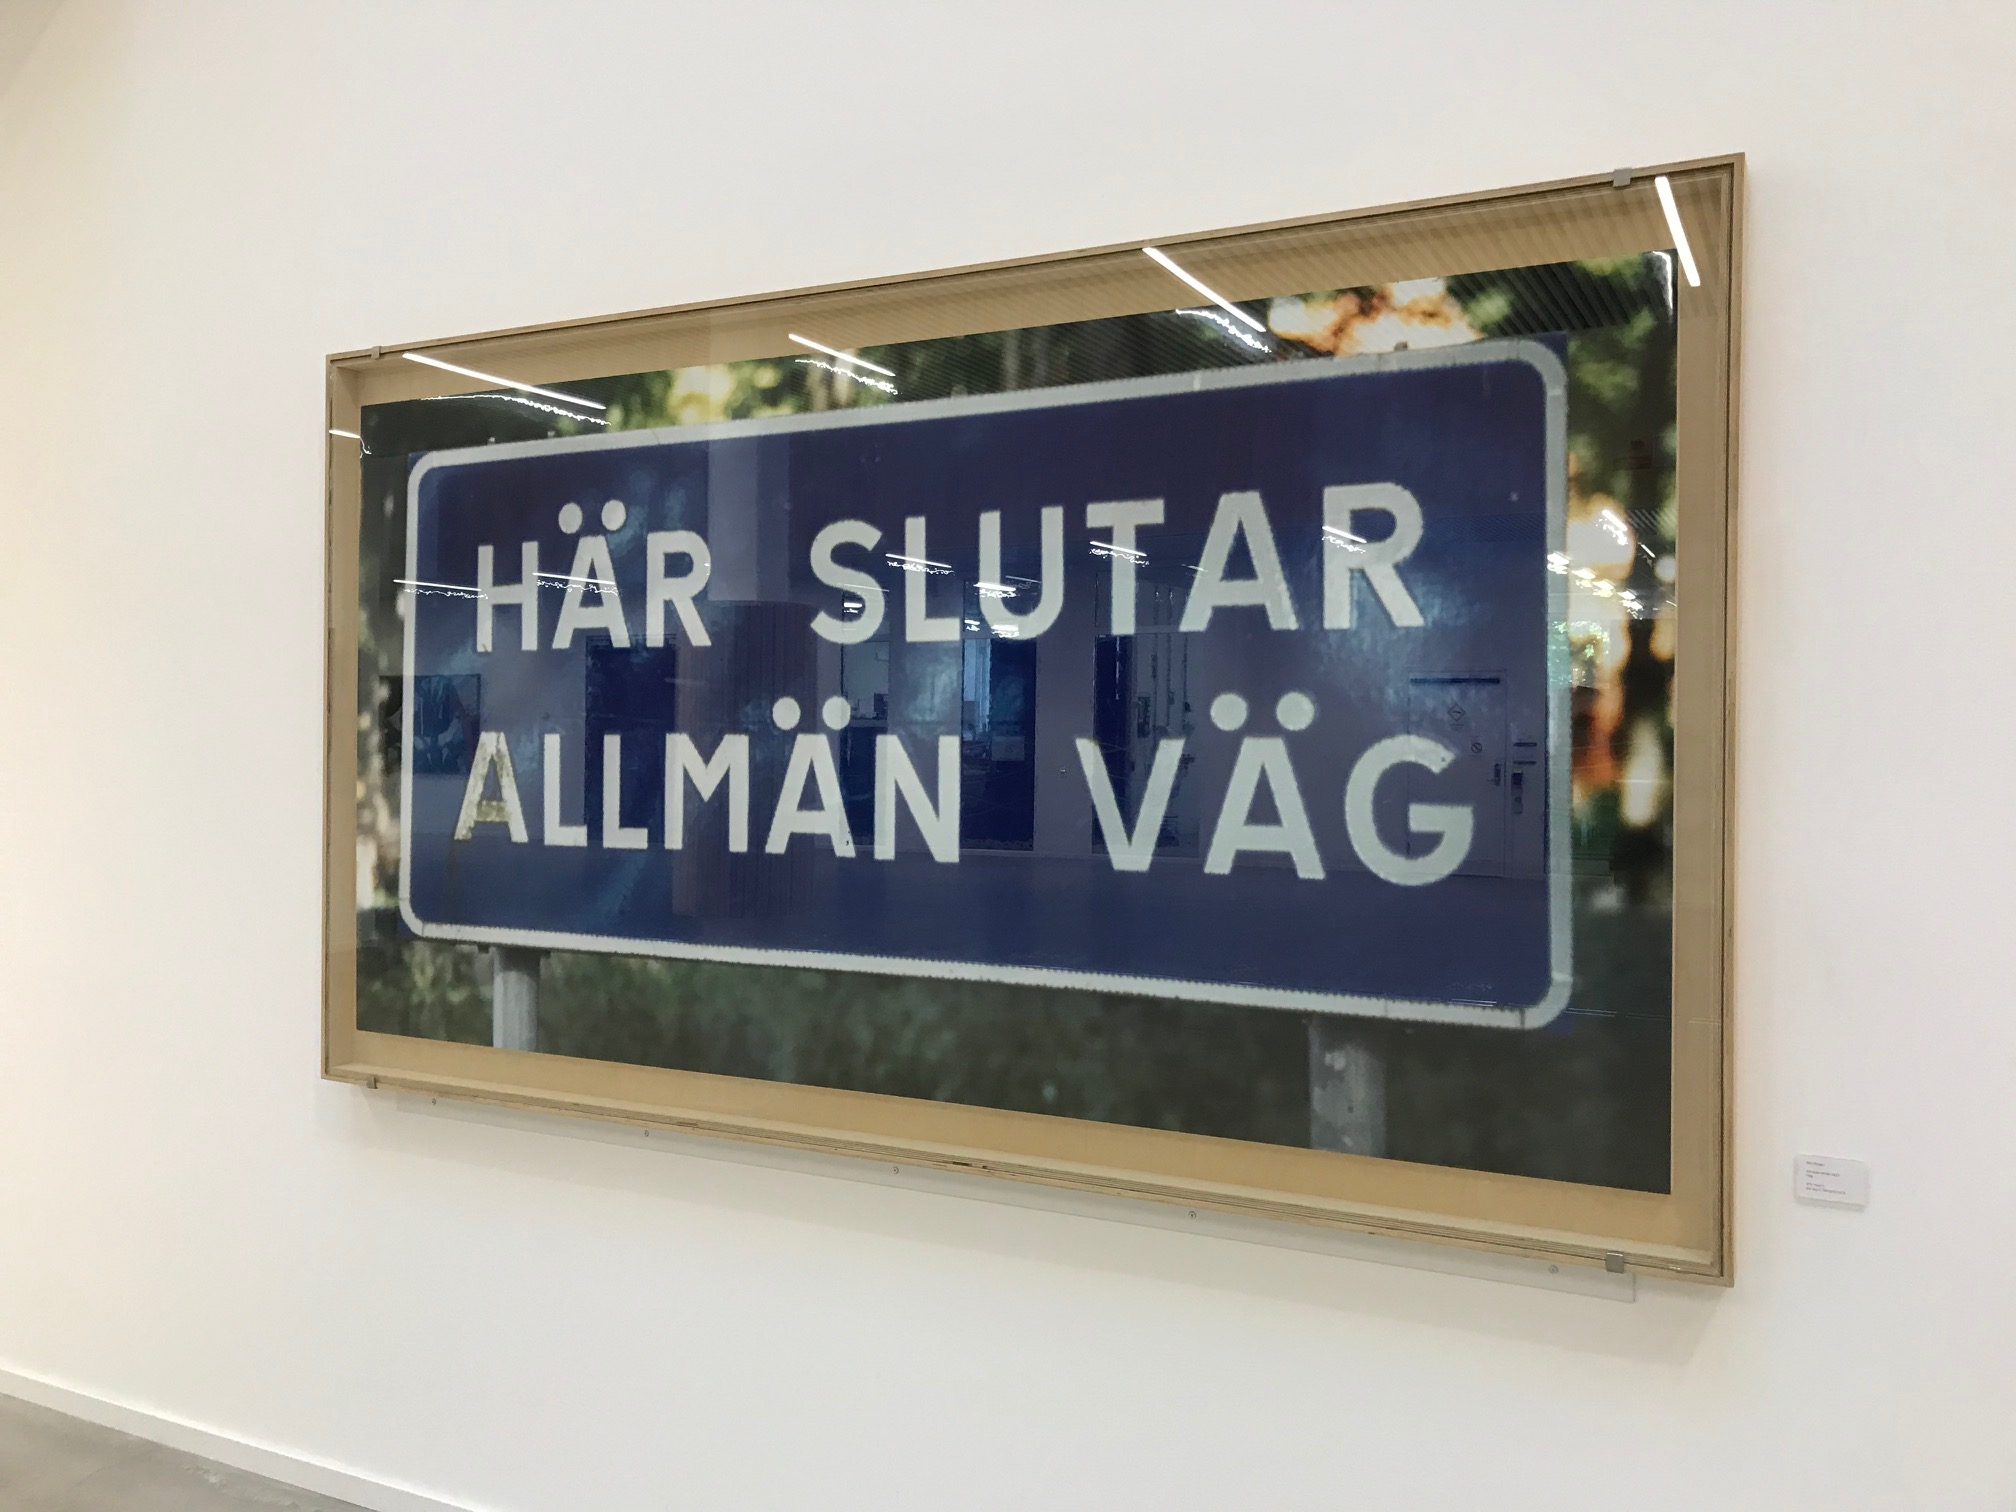 Här slutar allmän väg - kommer från Mälardalens högskola i Eskilstuna